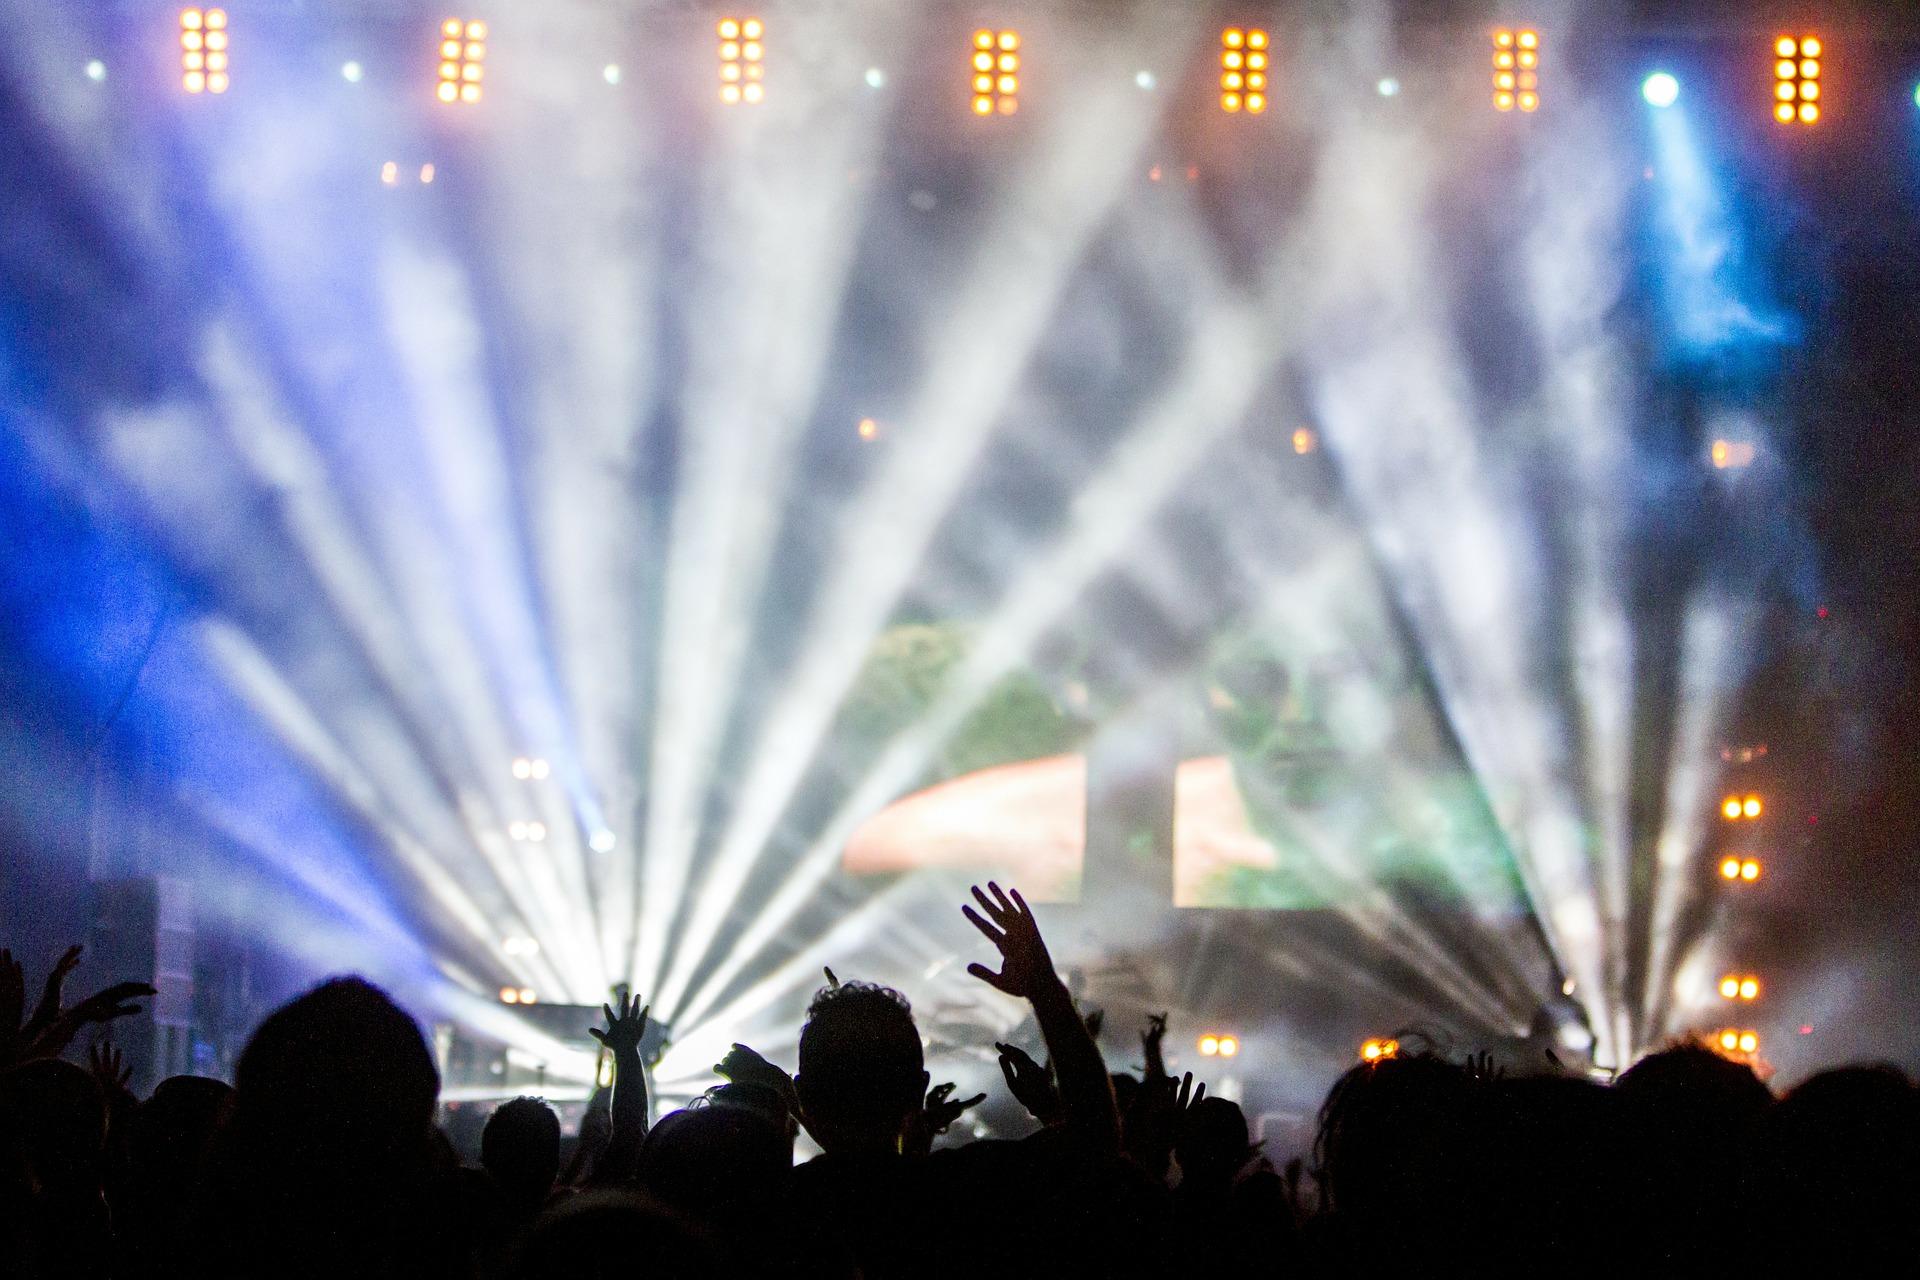 Corsi gratuiti per Tecnici luci e scenografi, come partecipare